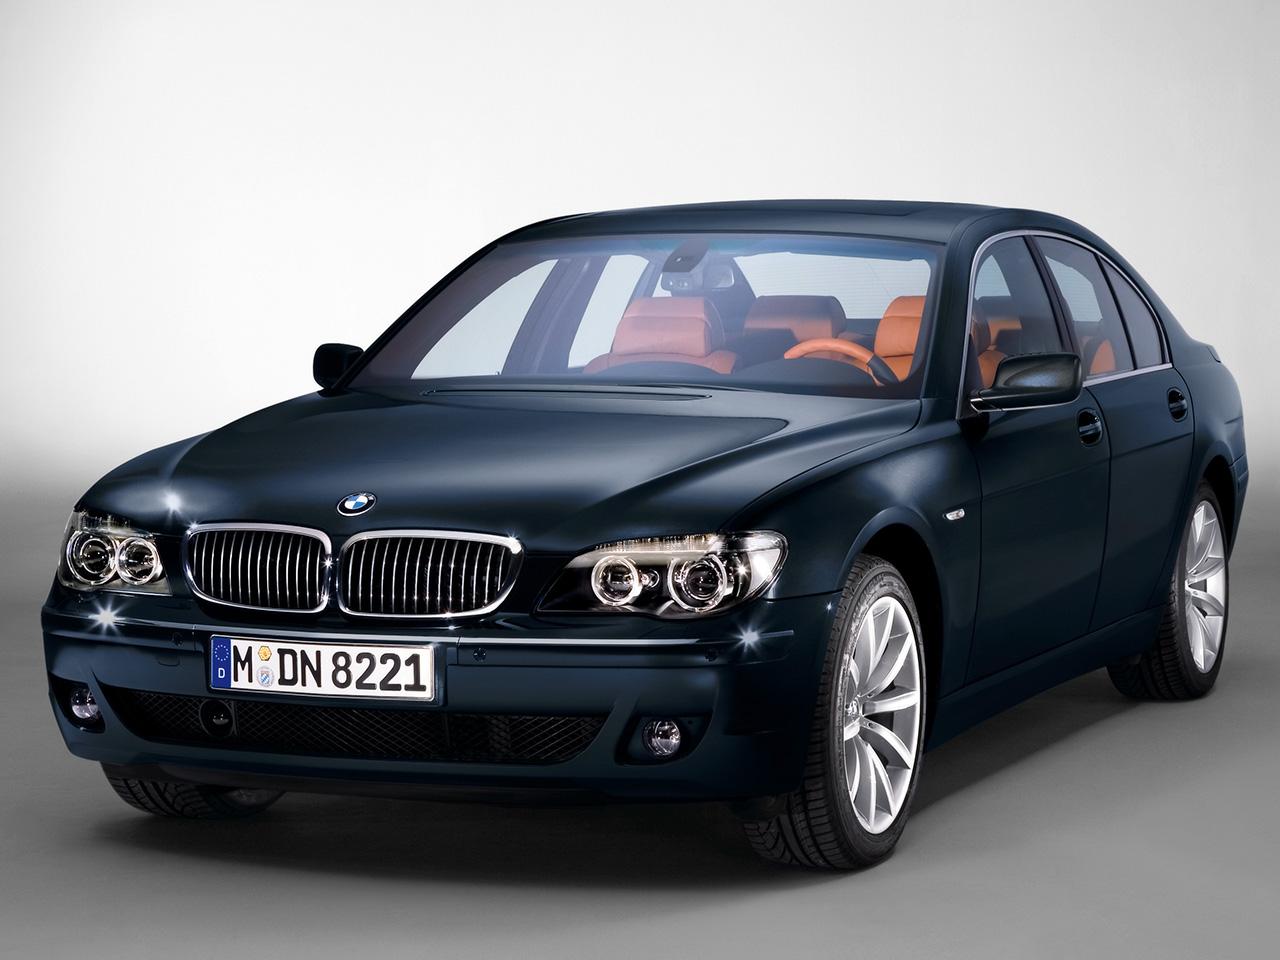 http://2.bp.blogspot.com/-vN42QVouLgU/TkweKN7rF8I/AAAAAAAAE1M/TZQgeRQtDUM/s1600/BMW_HQ_Wallpaper_new_look_super_style%2B%25285%2529.jpg